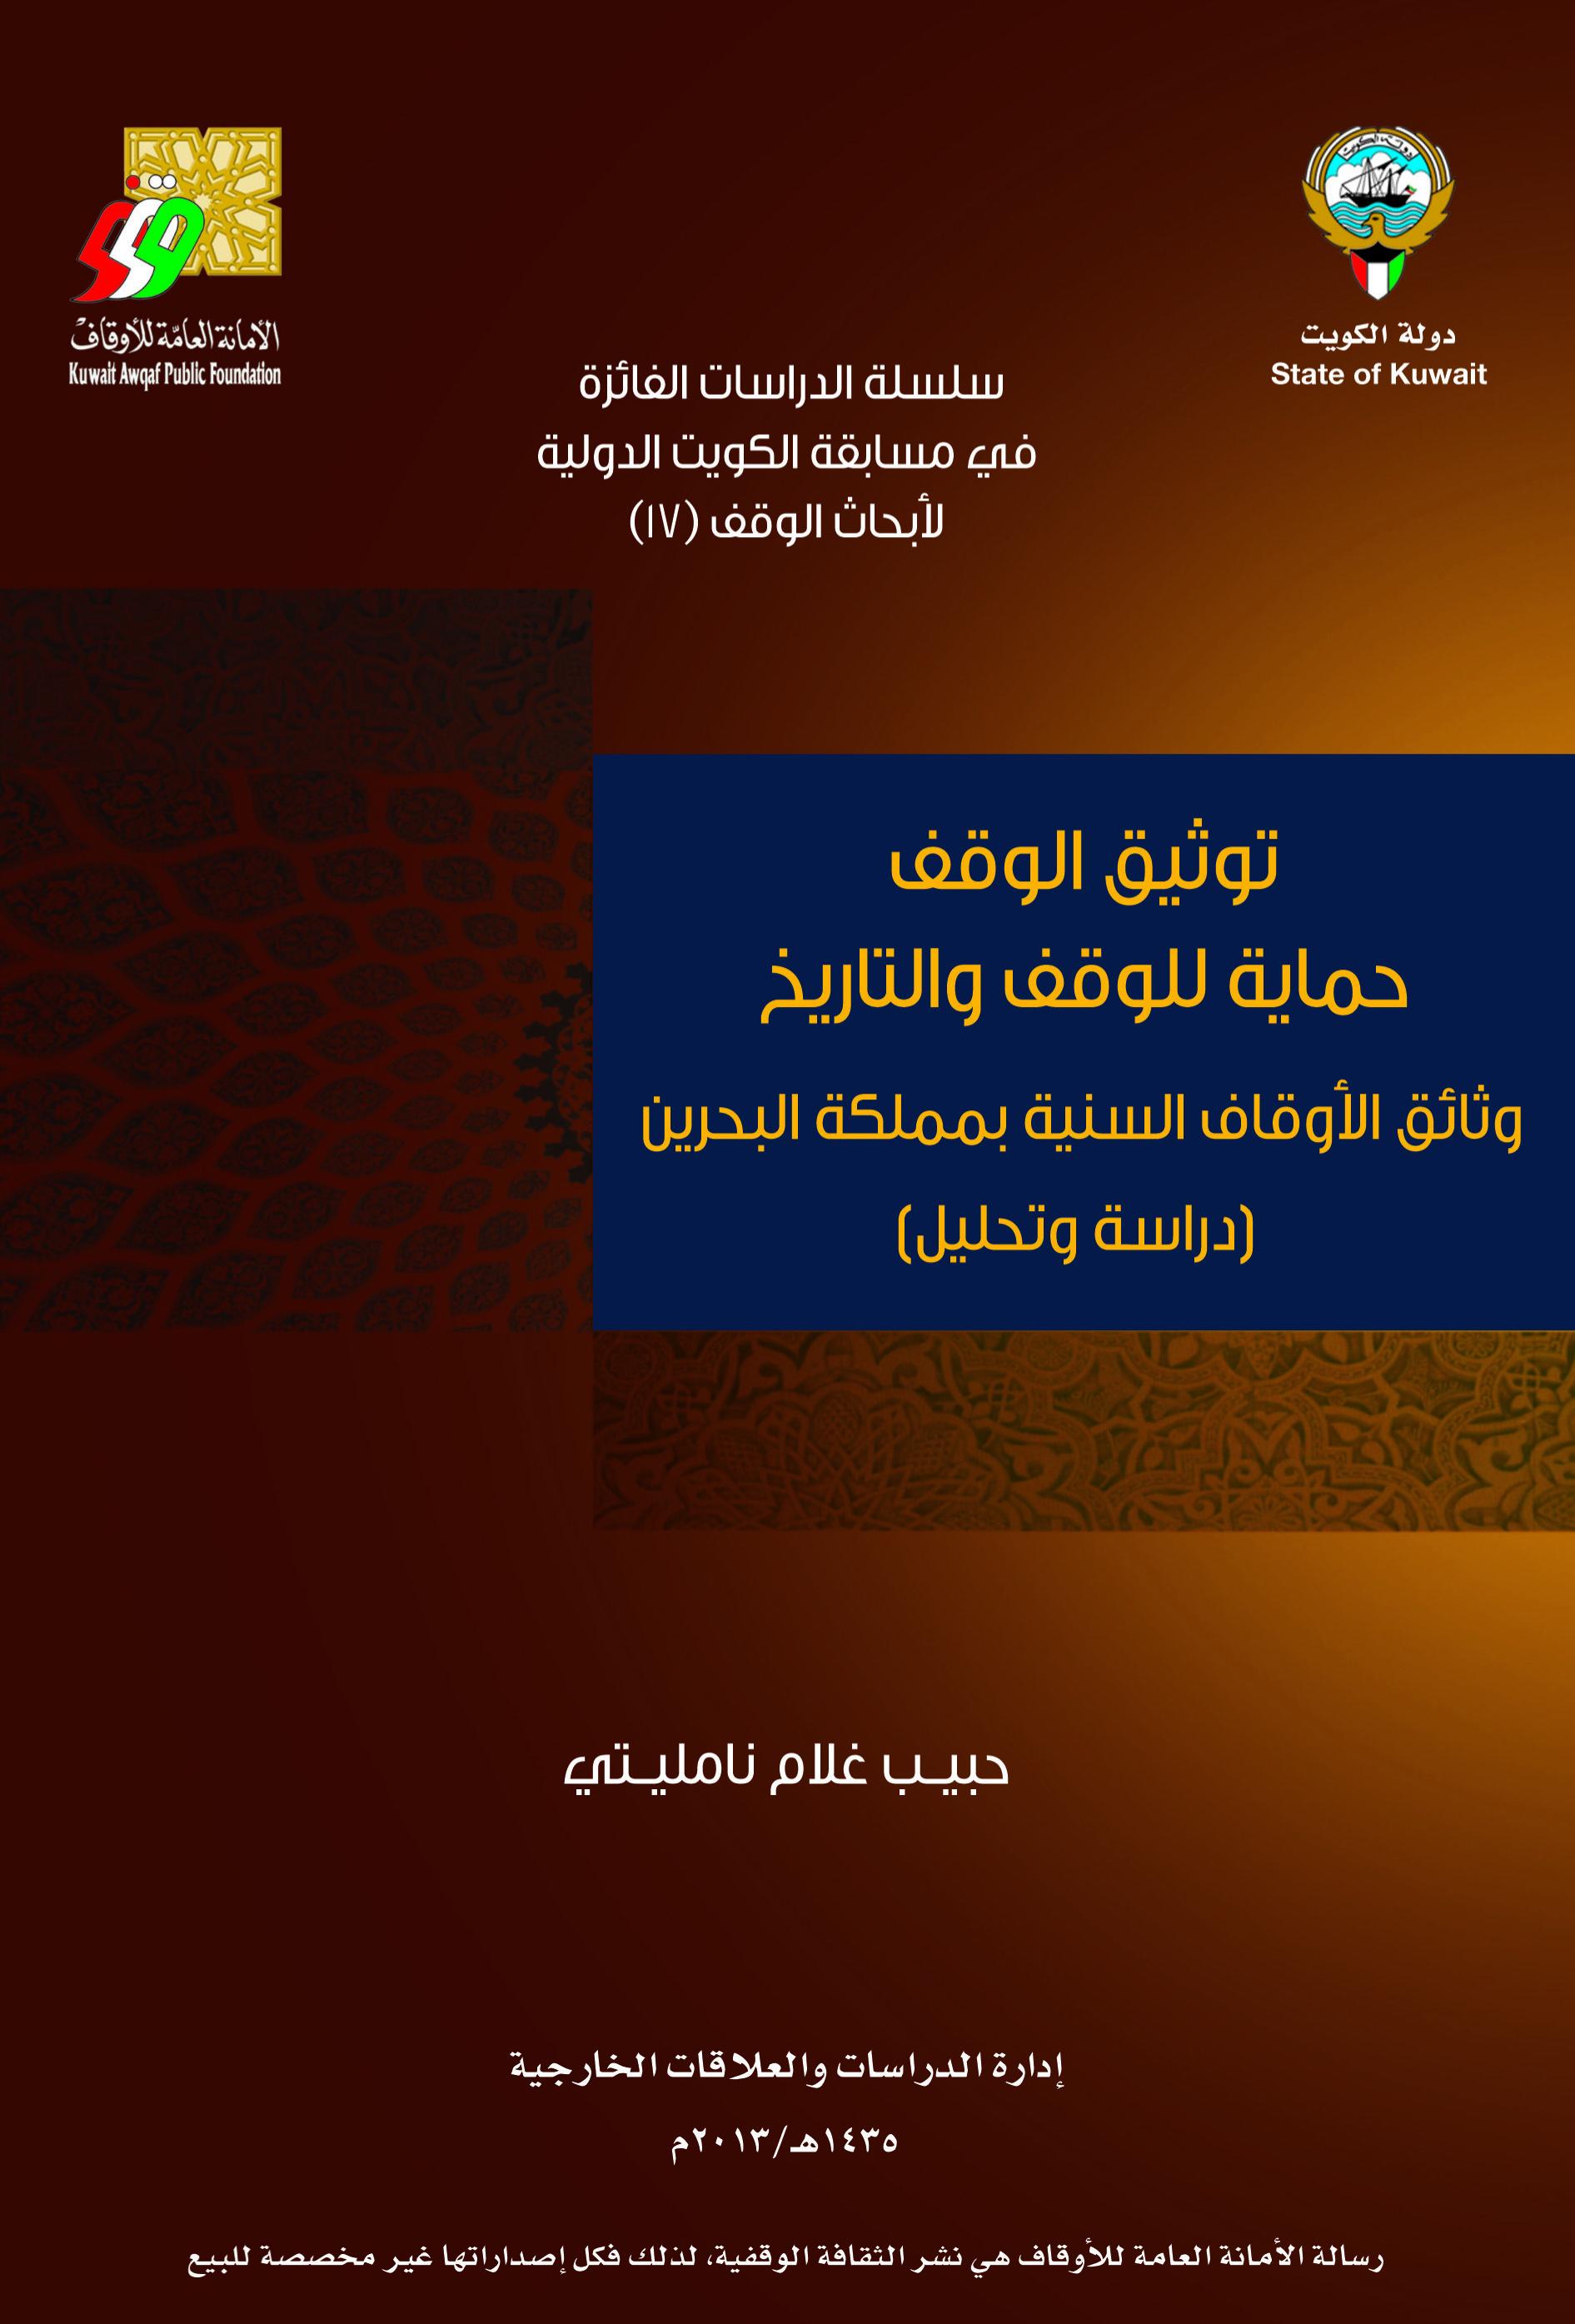 توثيق الوقف حمايه للوقف والتاريخ: وثائق الأوقاف السنية بمملكة البحرين